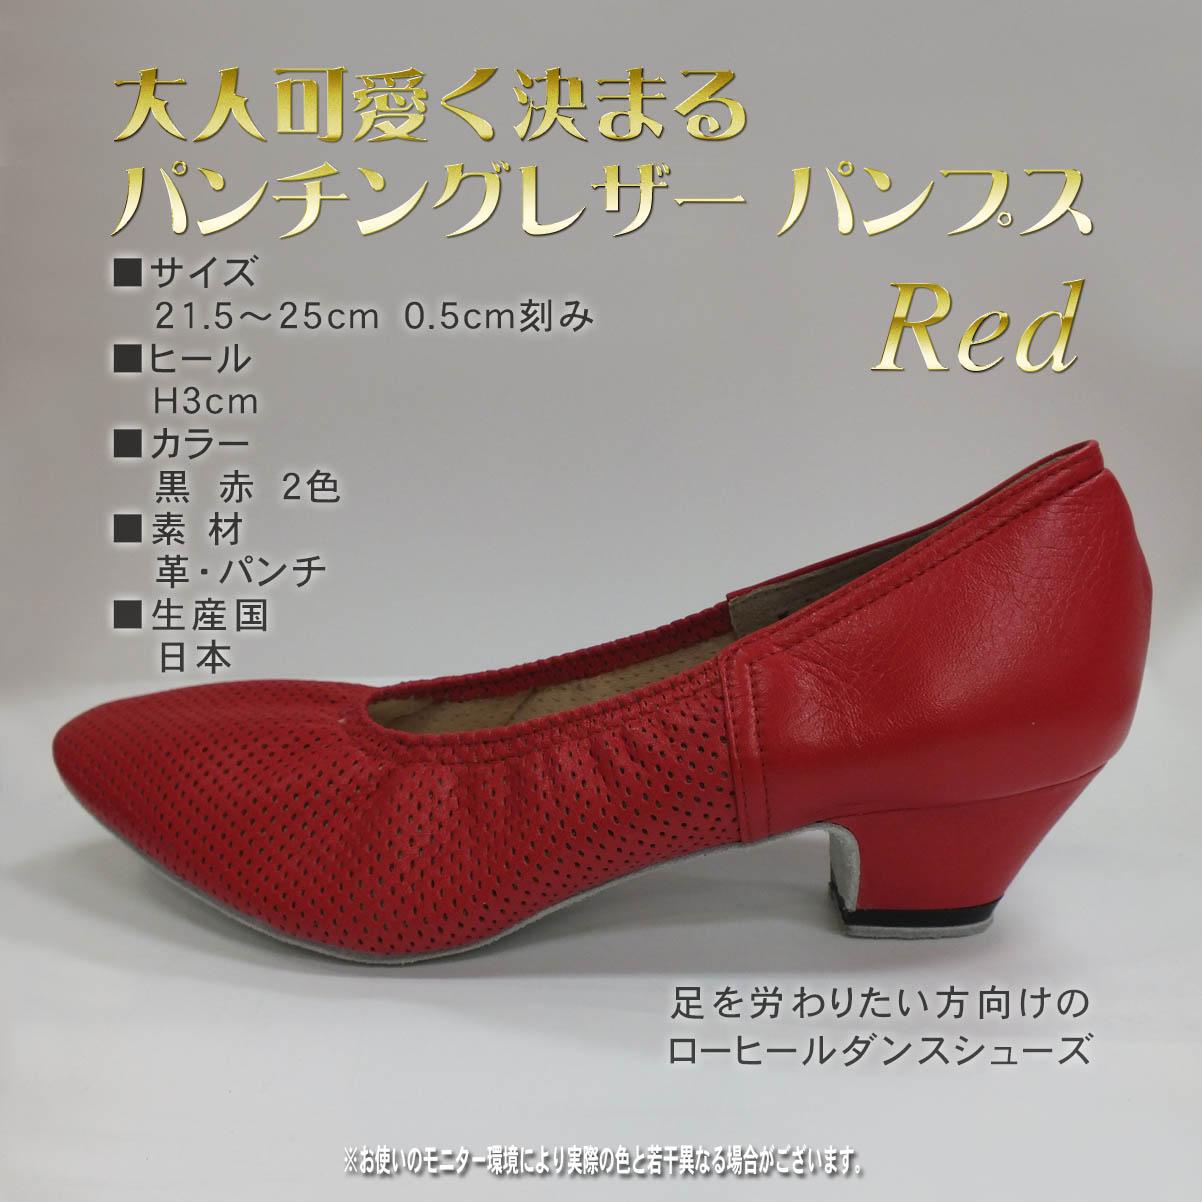 大人可愛く決まるパンチングレザー パンプス Red サイズ 21.5~25cm 0.5cm刻み ヒール H3cm カラー 黒 赤 2色 素 材 革・パンチ 生産国 日本 足を労わりたい方向けのローヒールダンスシューズ 身長の高い方やヒールデビューの方にも安心のアイテム おしゃれの基本は足元から 履きやすさに定評のある リピーターが多いチャンキーヒールのパンプス 安定感があり履き心地の良いシューズです 素材に柔らかいパンチングレザーを採用した痛くなりにくい設計